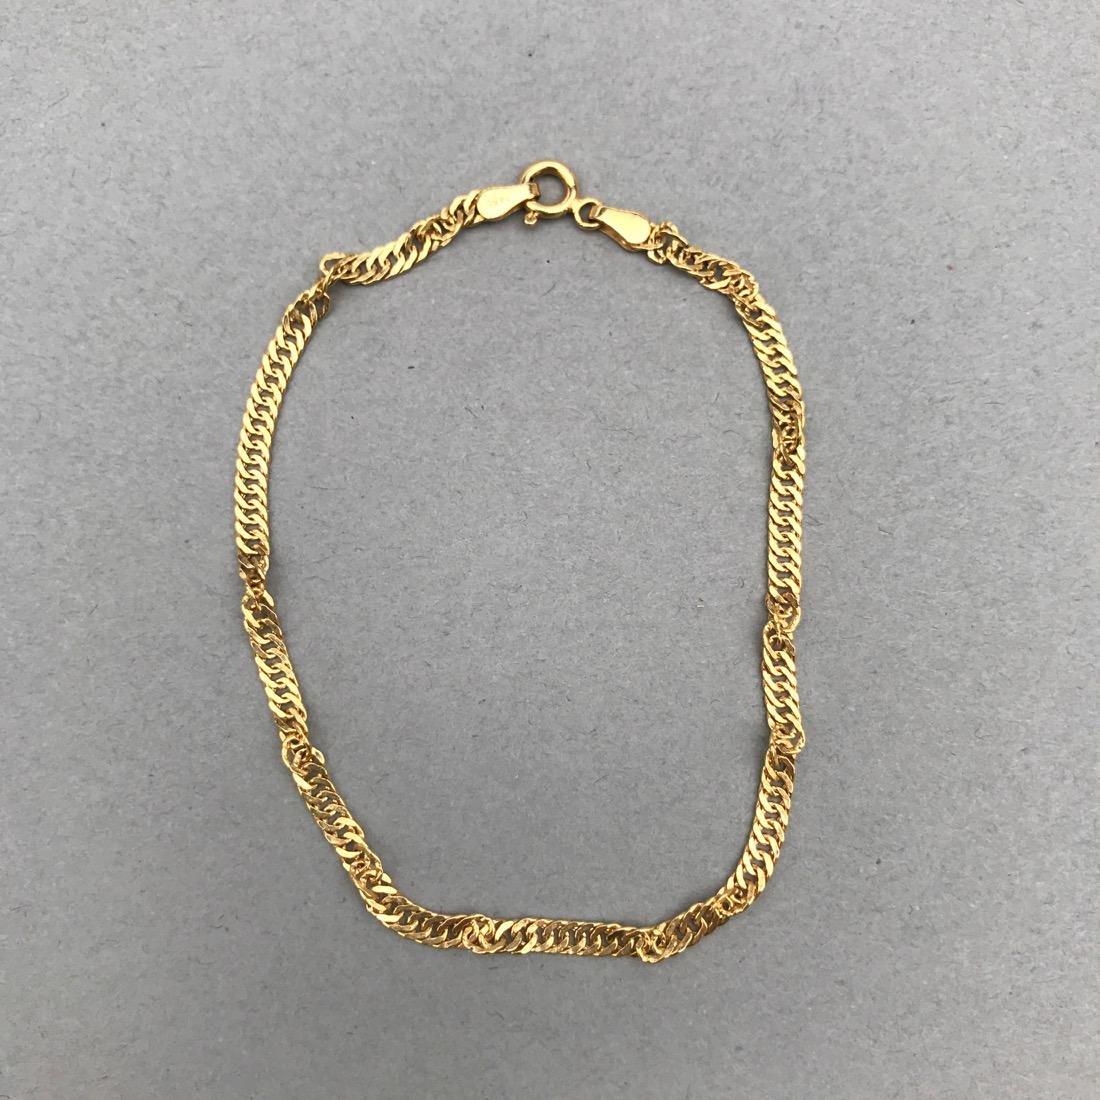 2 14K Gold Bracelets - 2